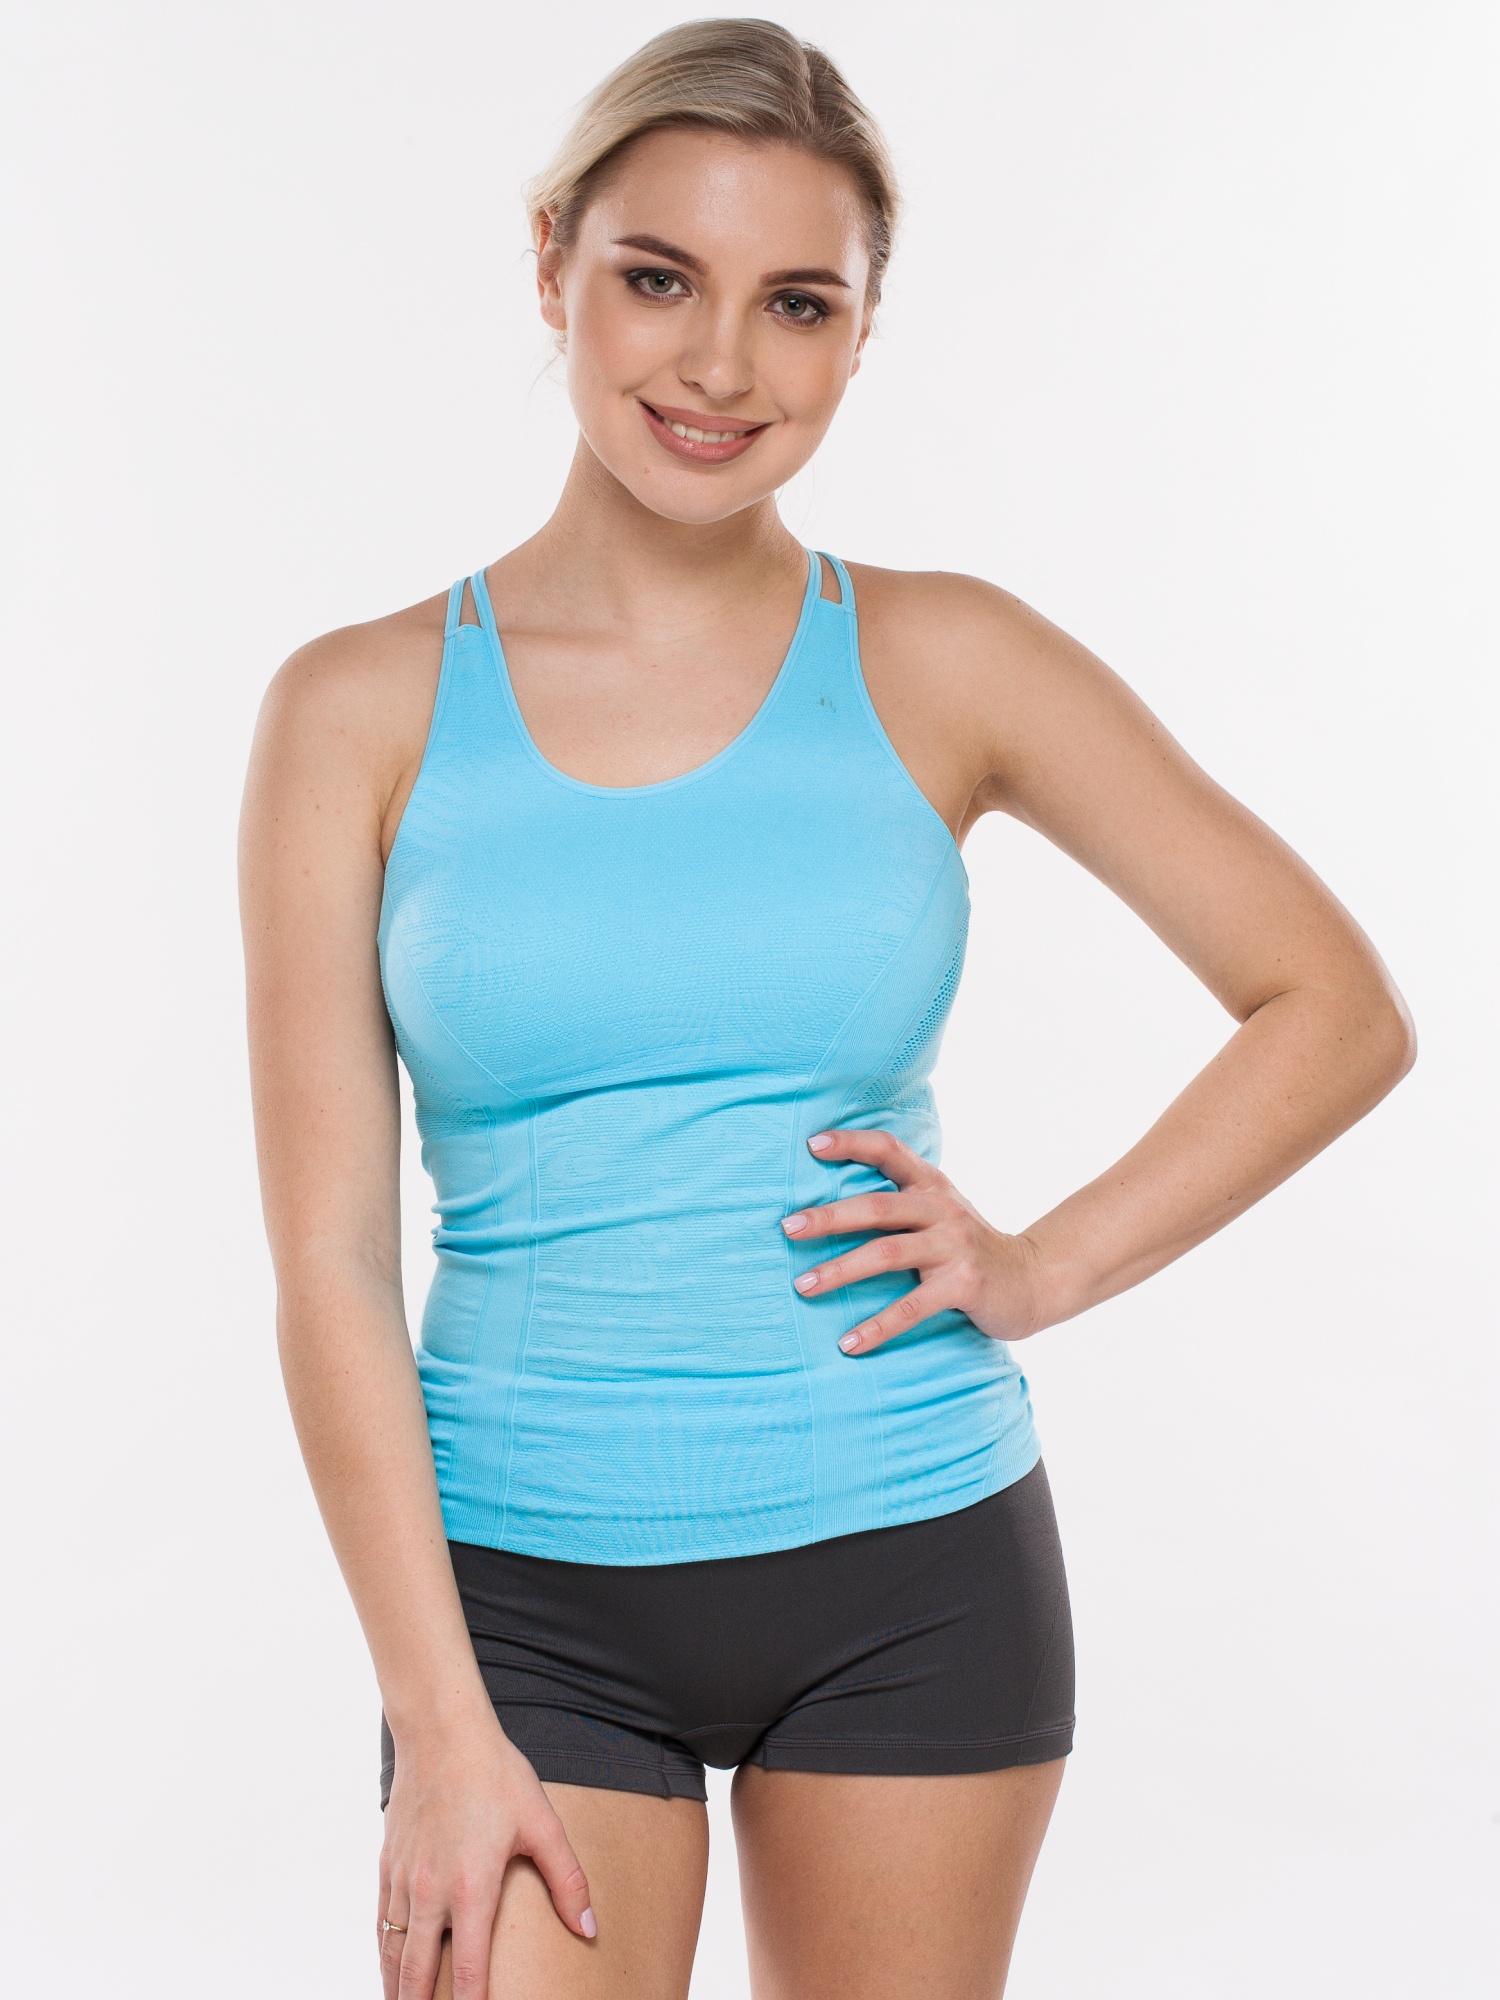 Майка PRO-FIT 55750 FOAM (S), голубой 42 размер55750 FOAM (S)Спортивная майка для спорта, фитнеса, бега, йоги и т.д.